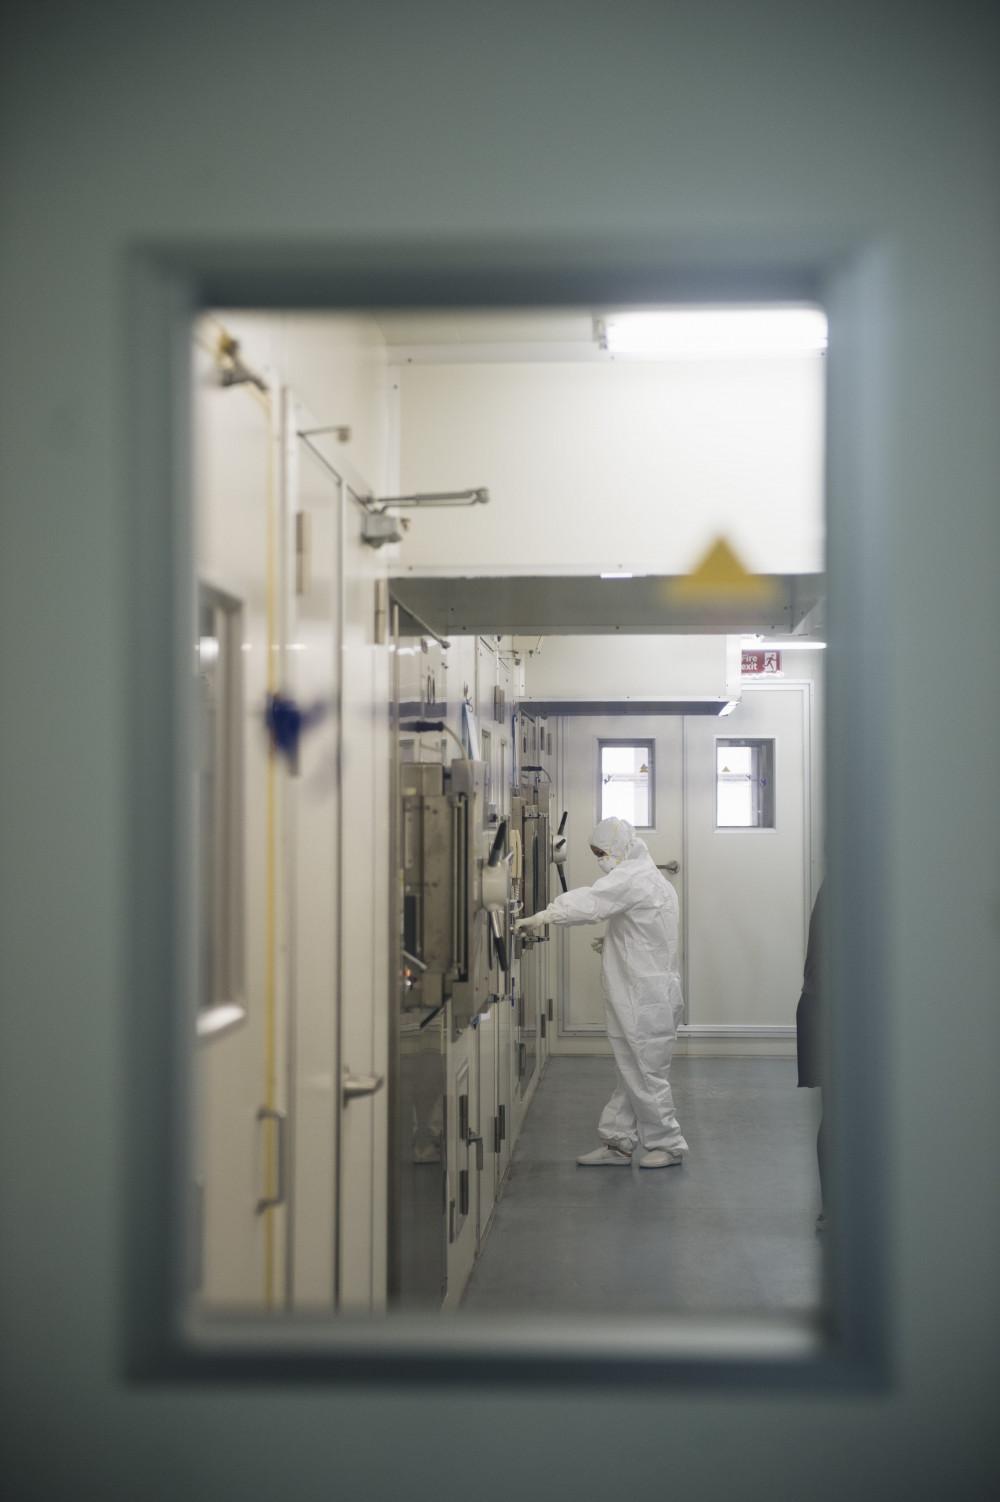 GS-TS Quỳnh Mai chuẩn bị vào làm việc tại phòng thí nghiệm an toàn sinh học cấp 3  (Ảnh: Kênh 14)